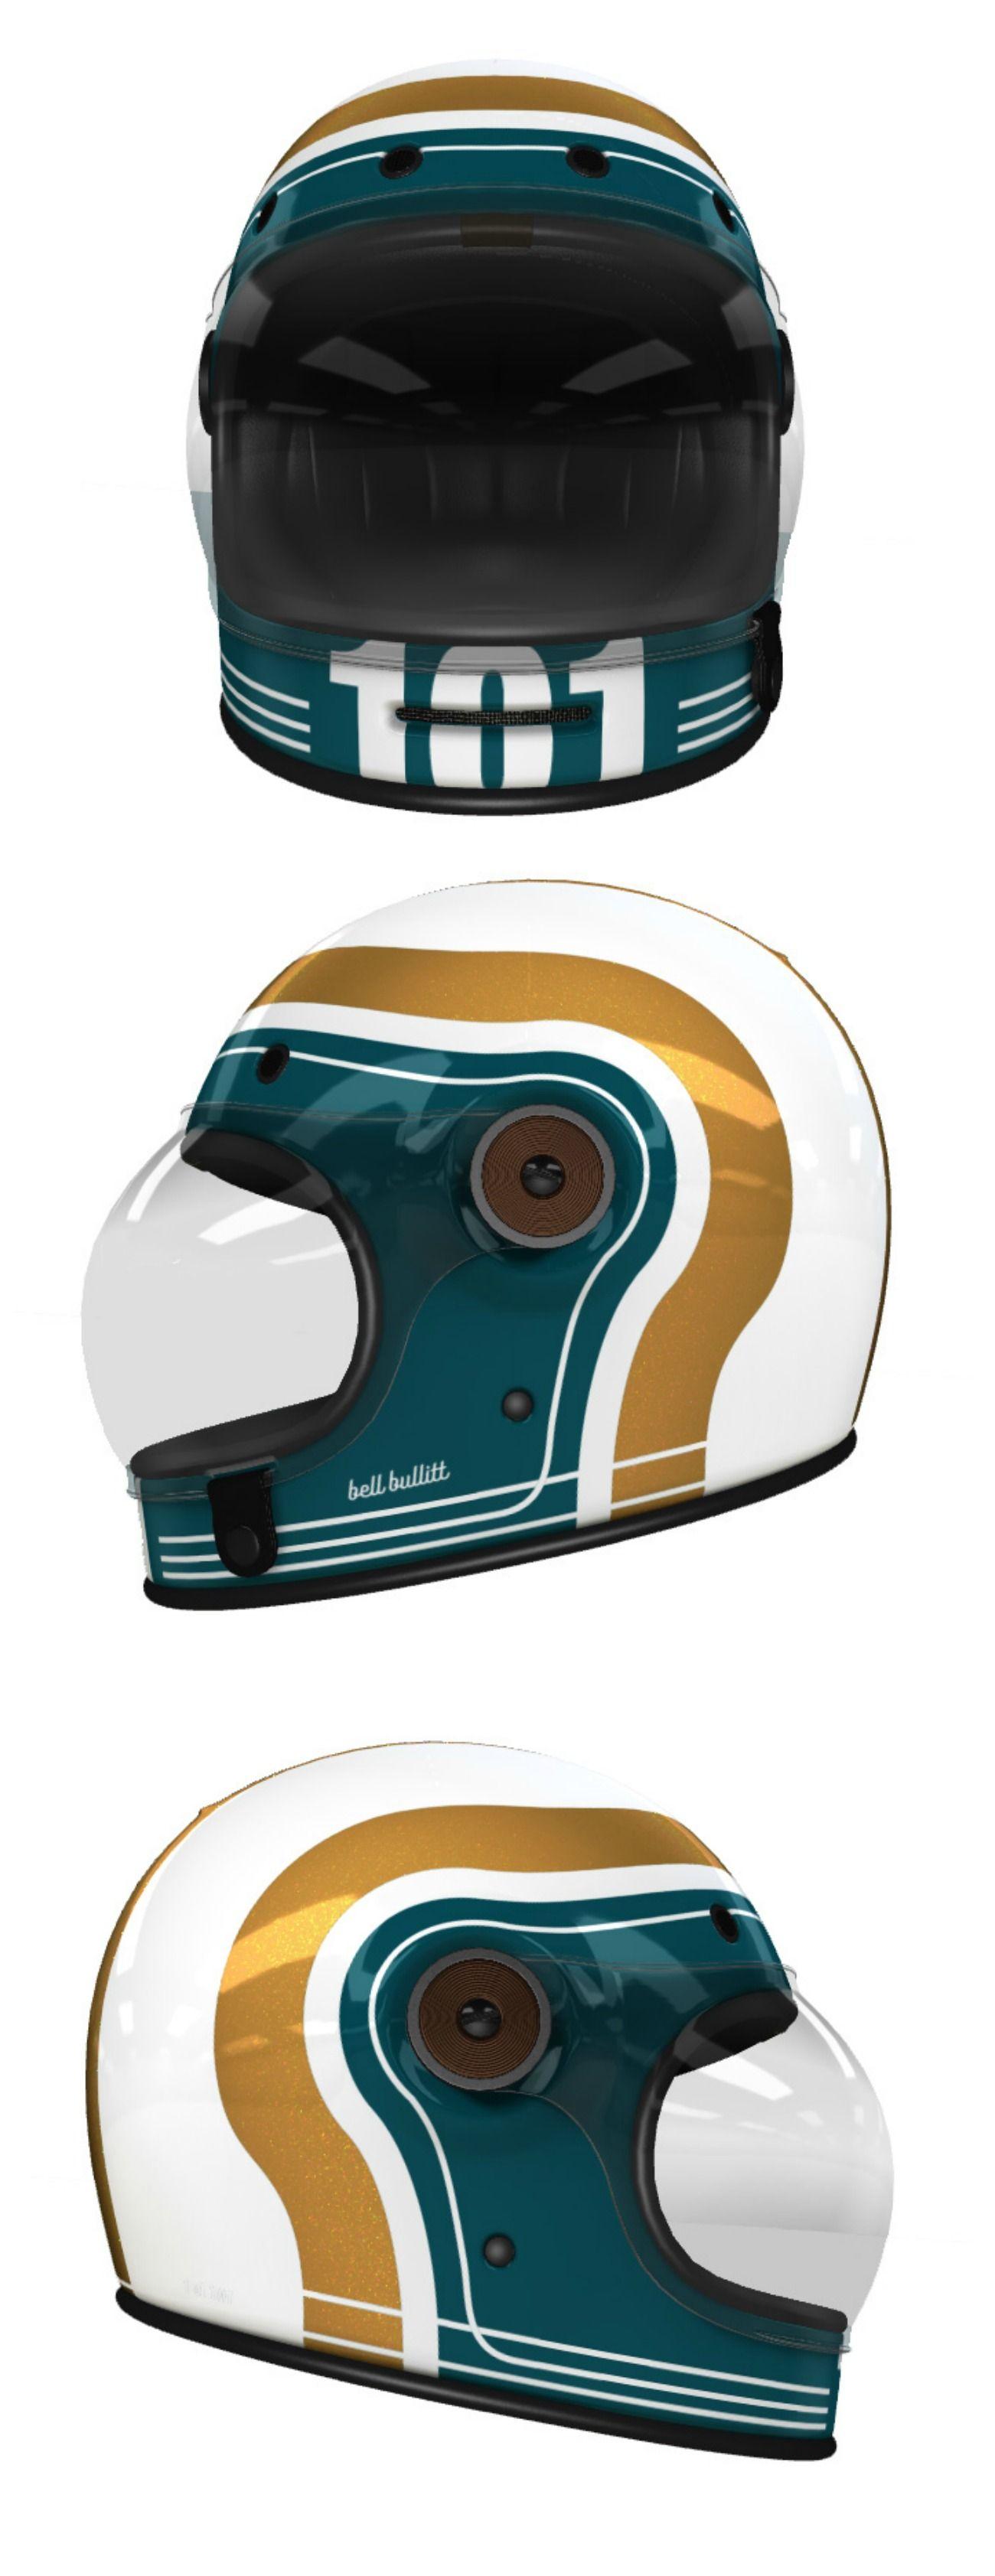 Custom Bell Bullitt Motorcycle Helmet Design At Helmade Motorcycle Helmet Design Vintage Helmet Retro Helmet